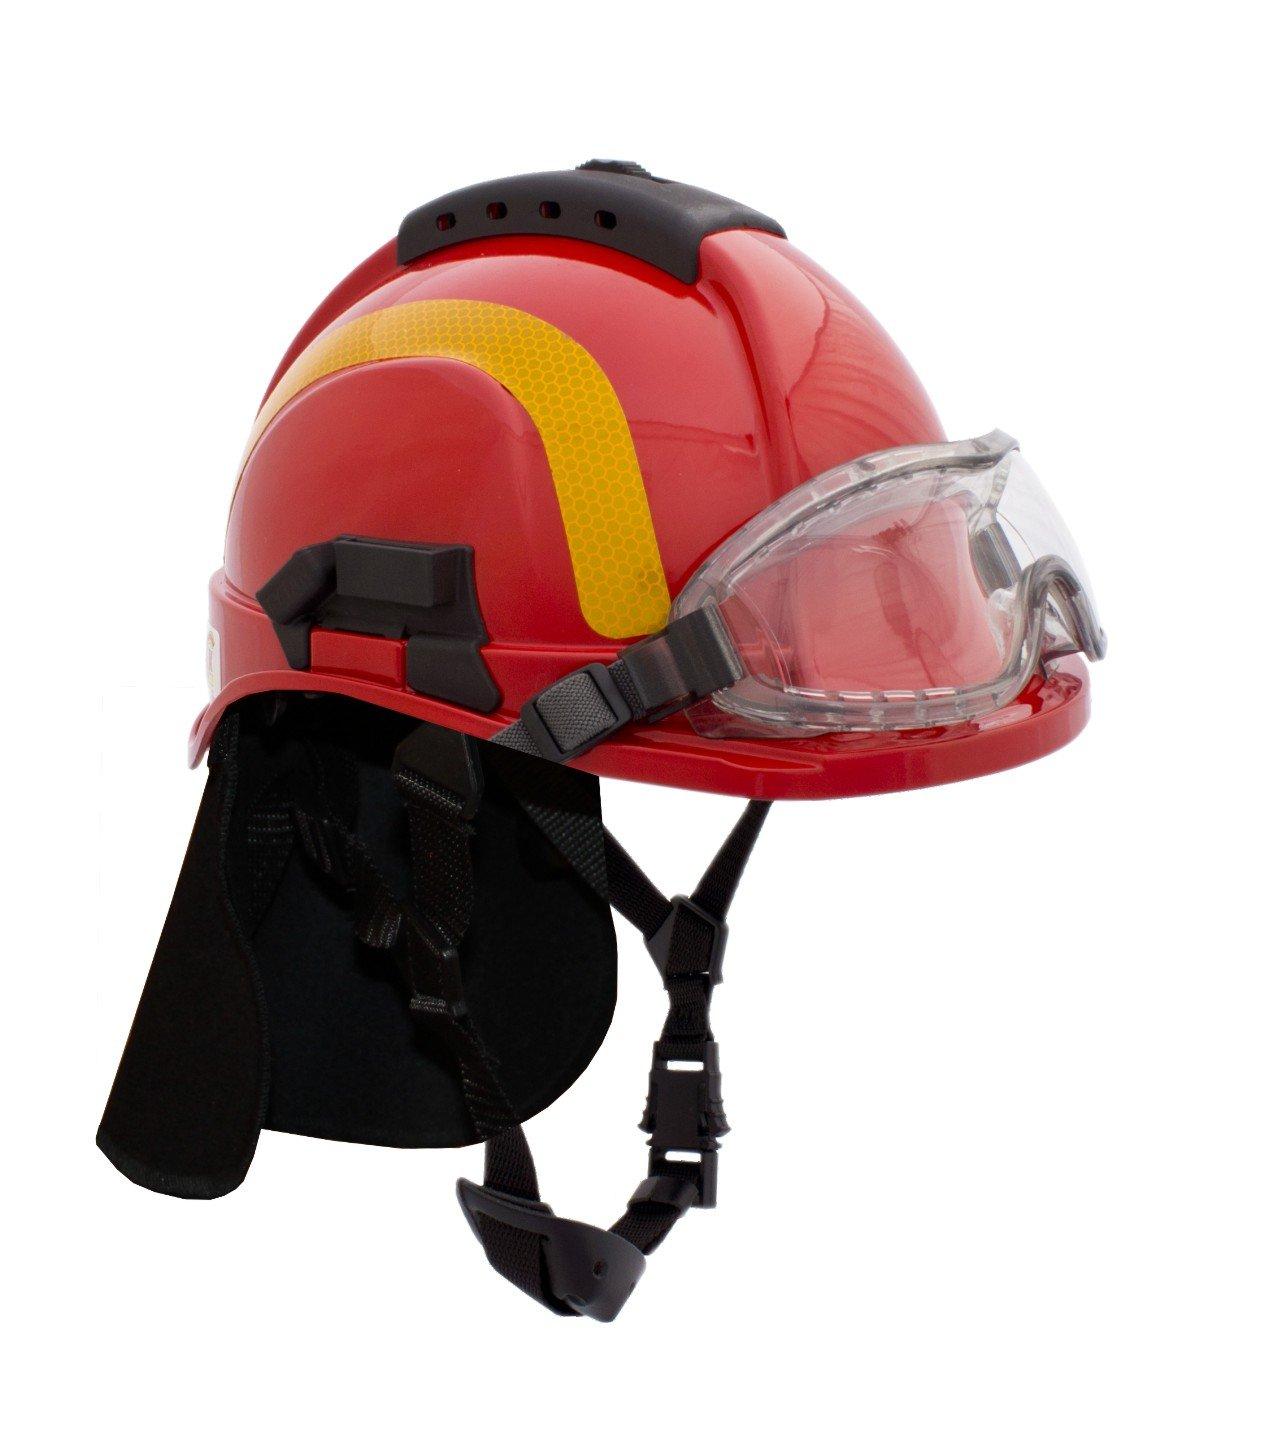 Hełm Tytan typu Hot – hełm dla ratowników z goglami